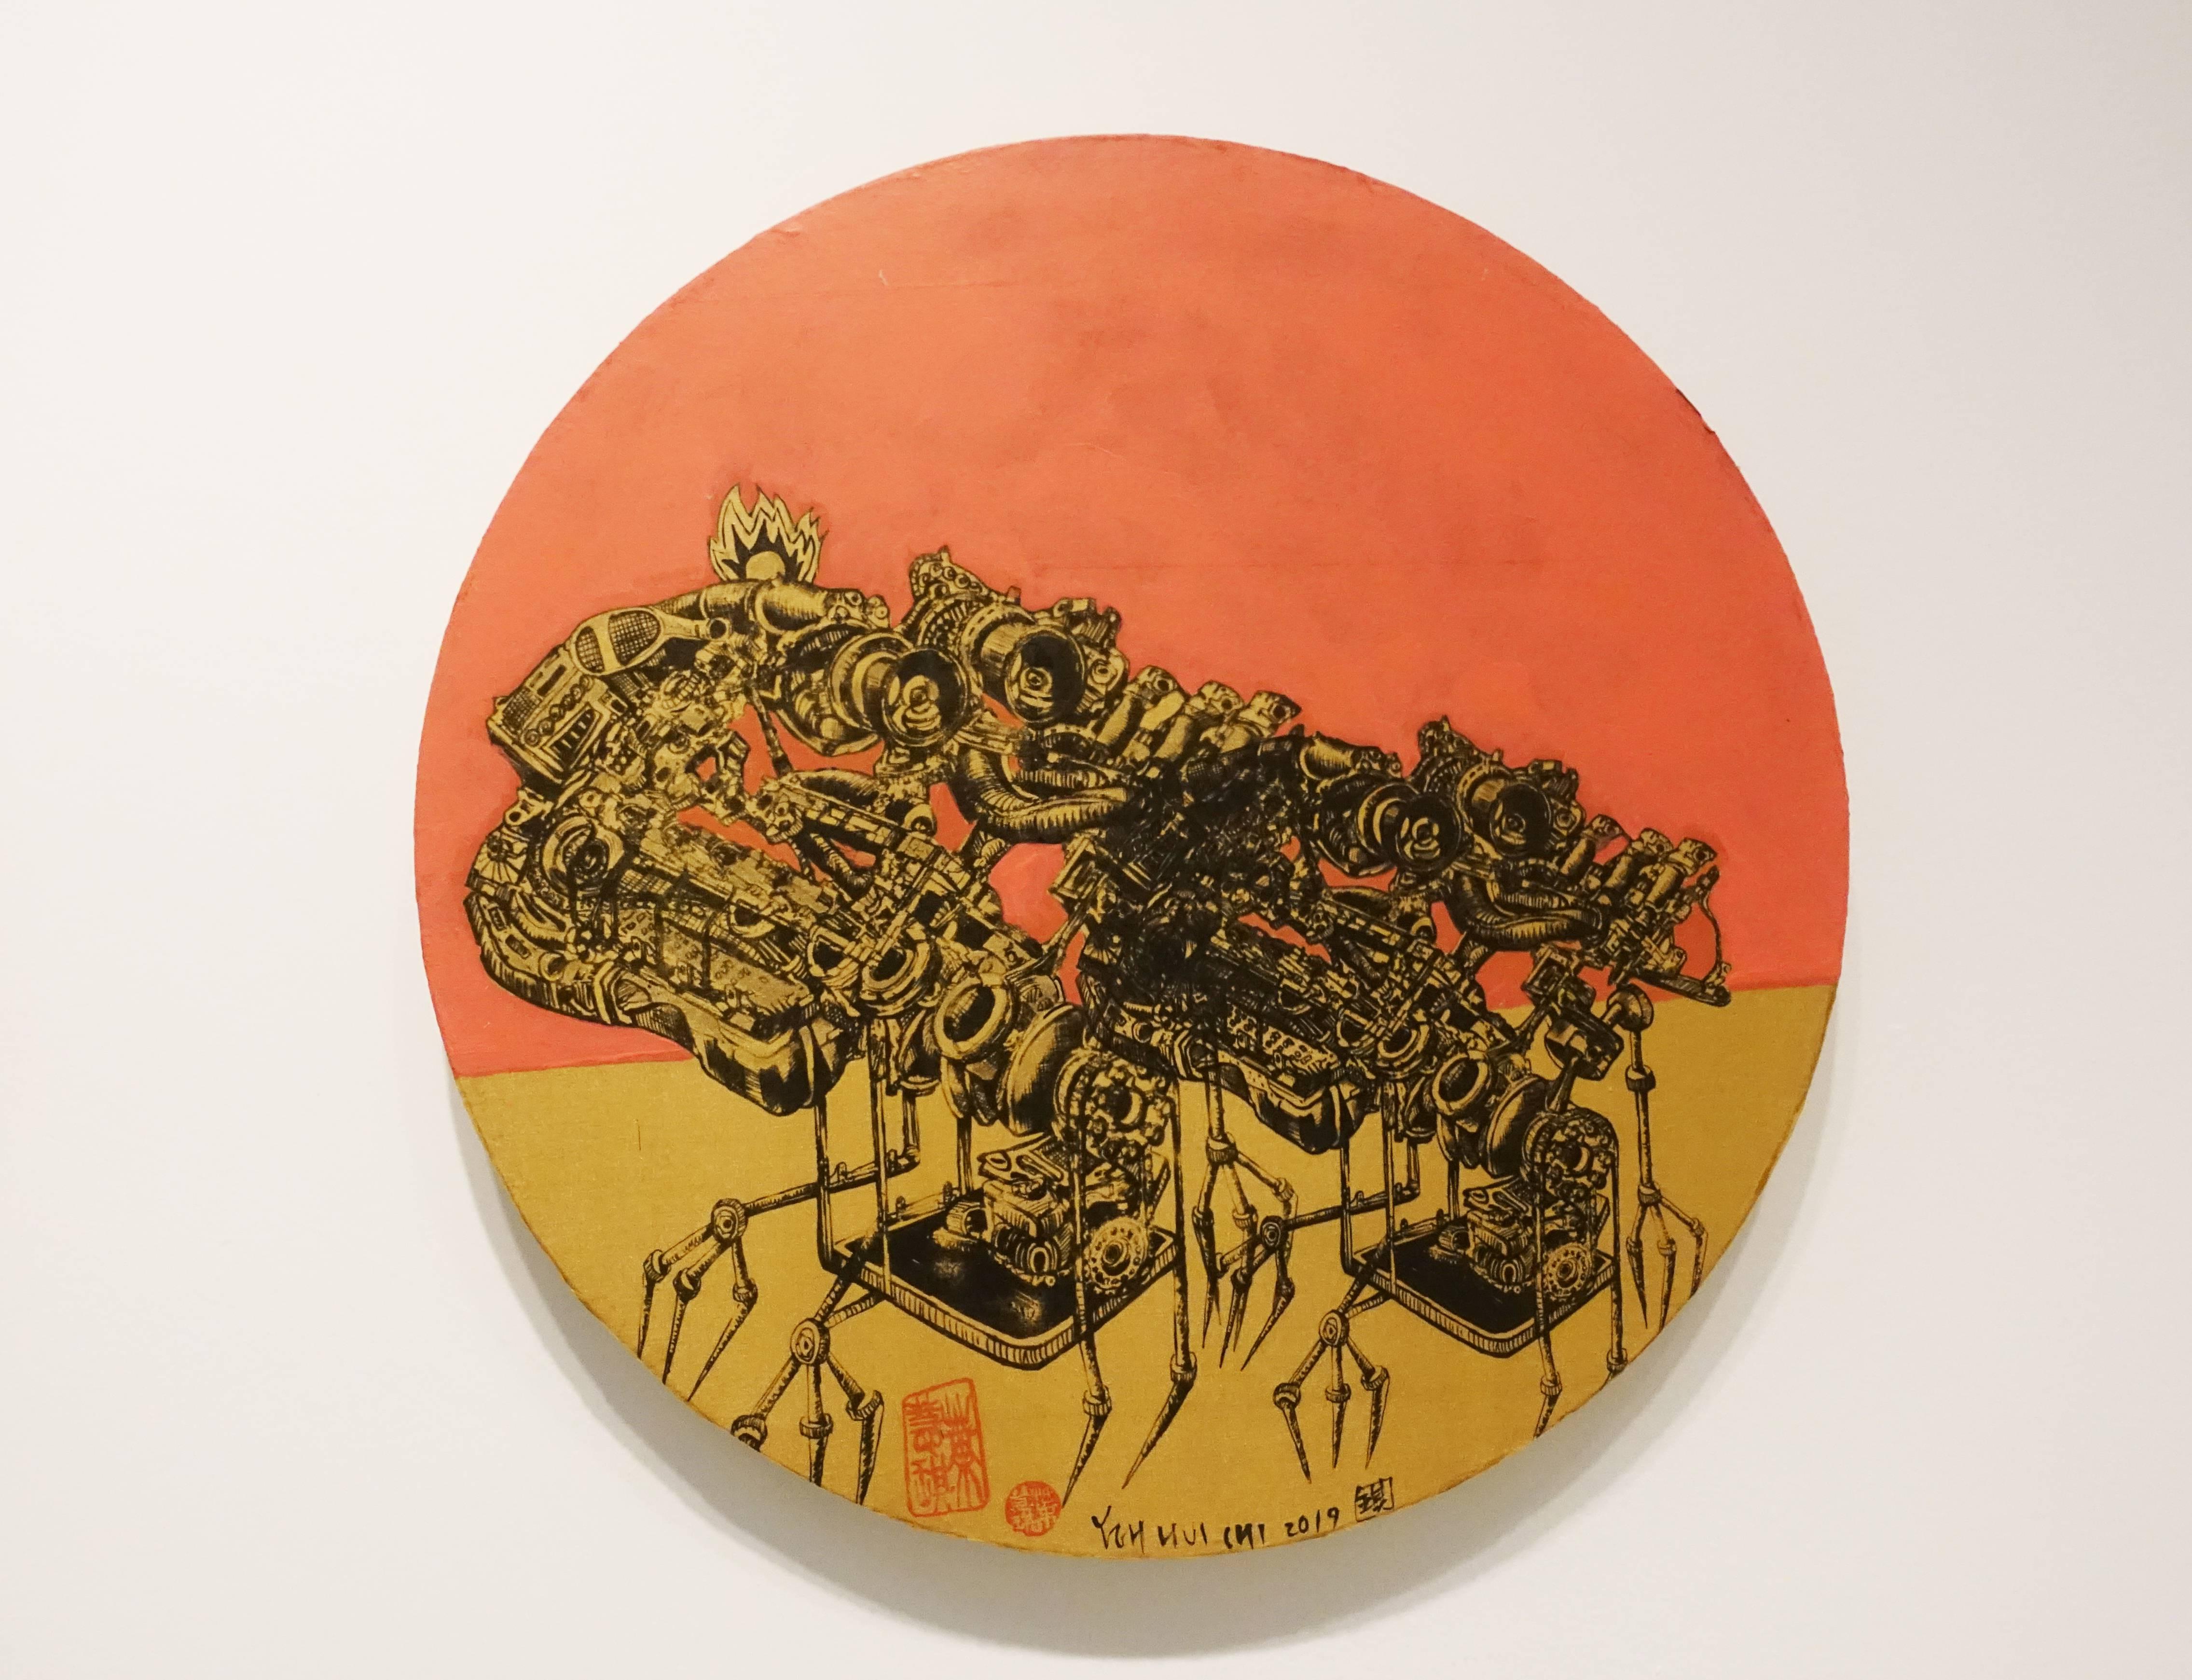 葉慧琪,《機械群31》,30 x 30 cm,綜合媒材、絹布。